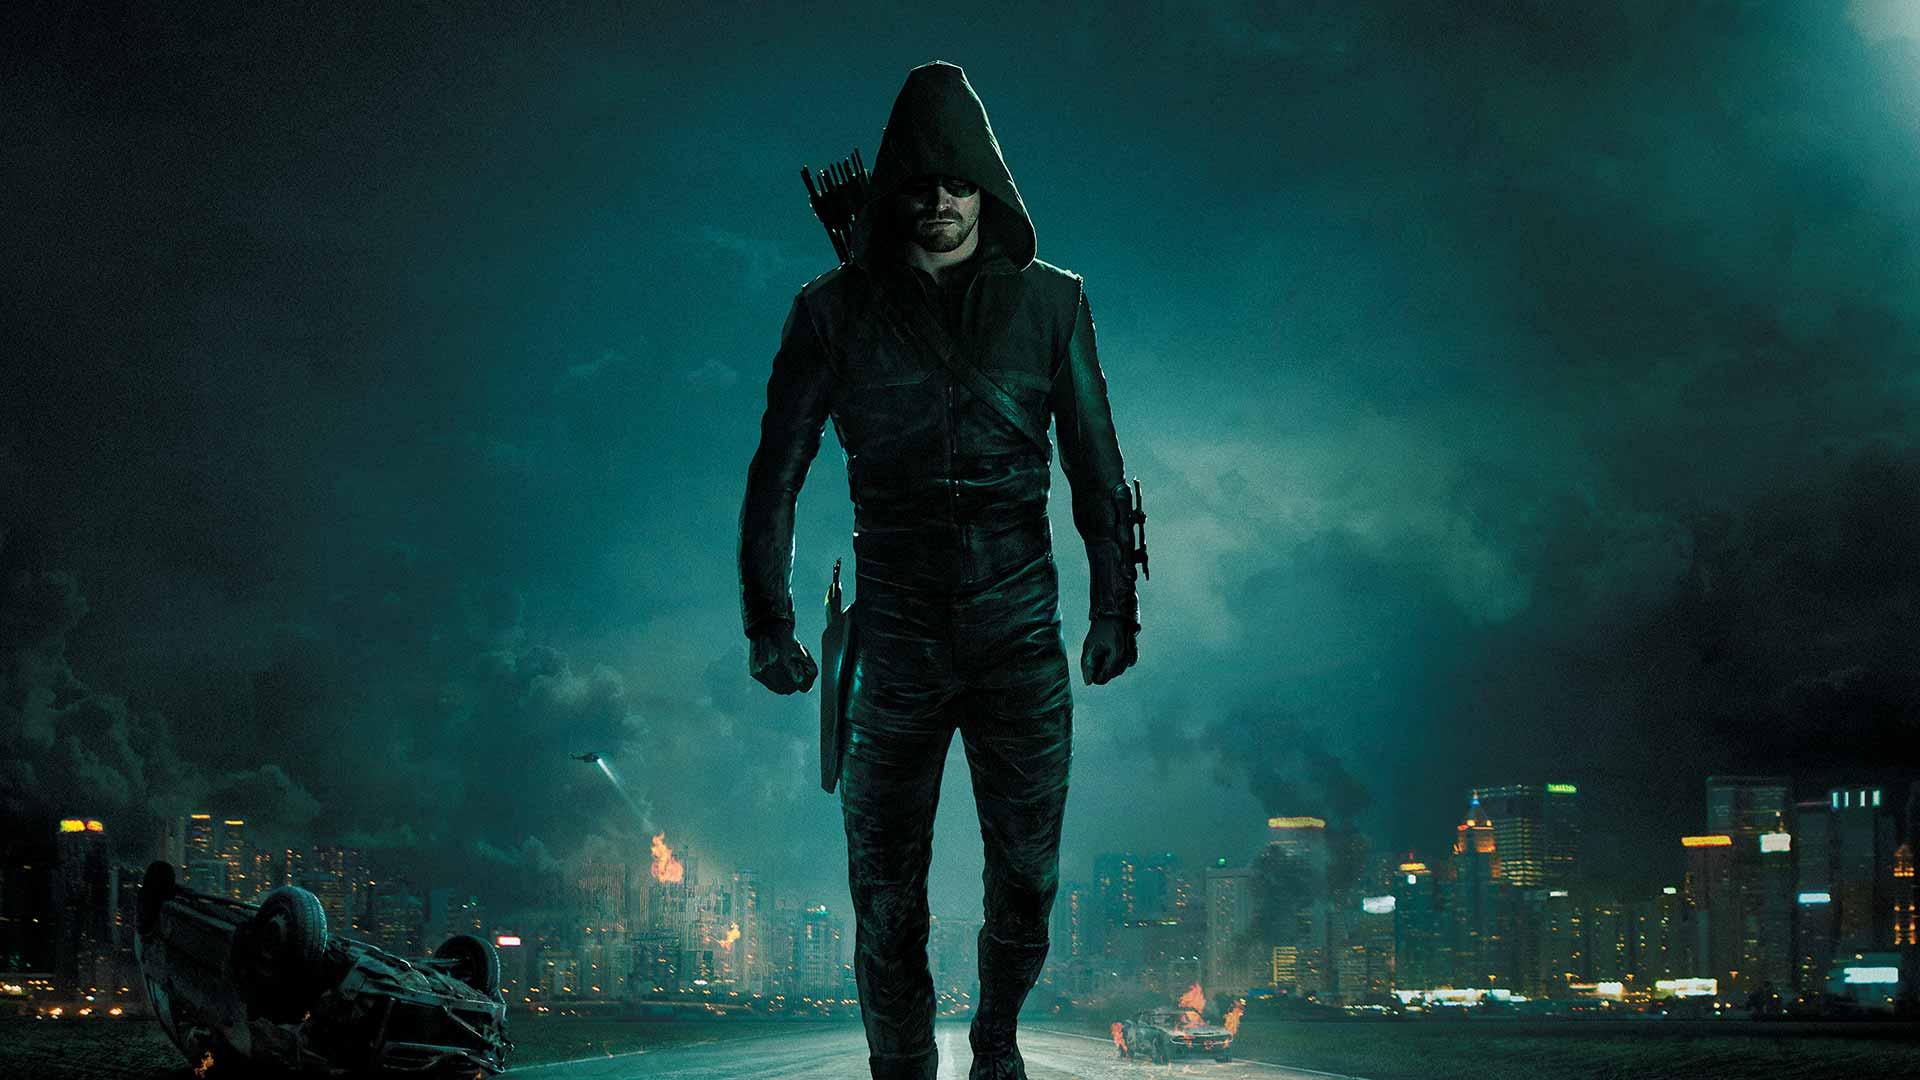 http://www.cineshow.fr/wp-content/uploads/2015/10/Arrow-header.jpg